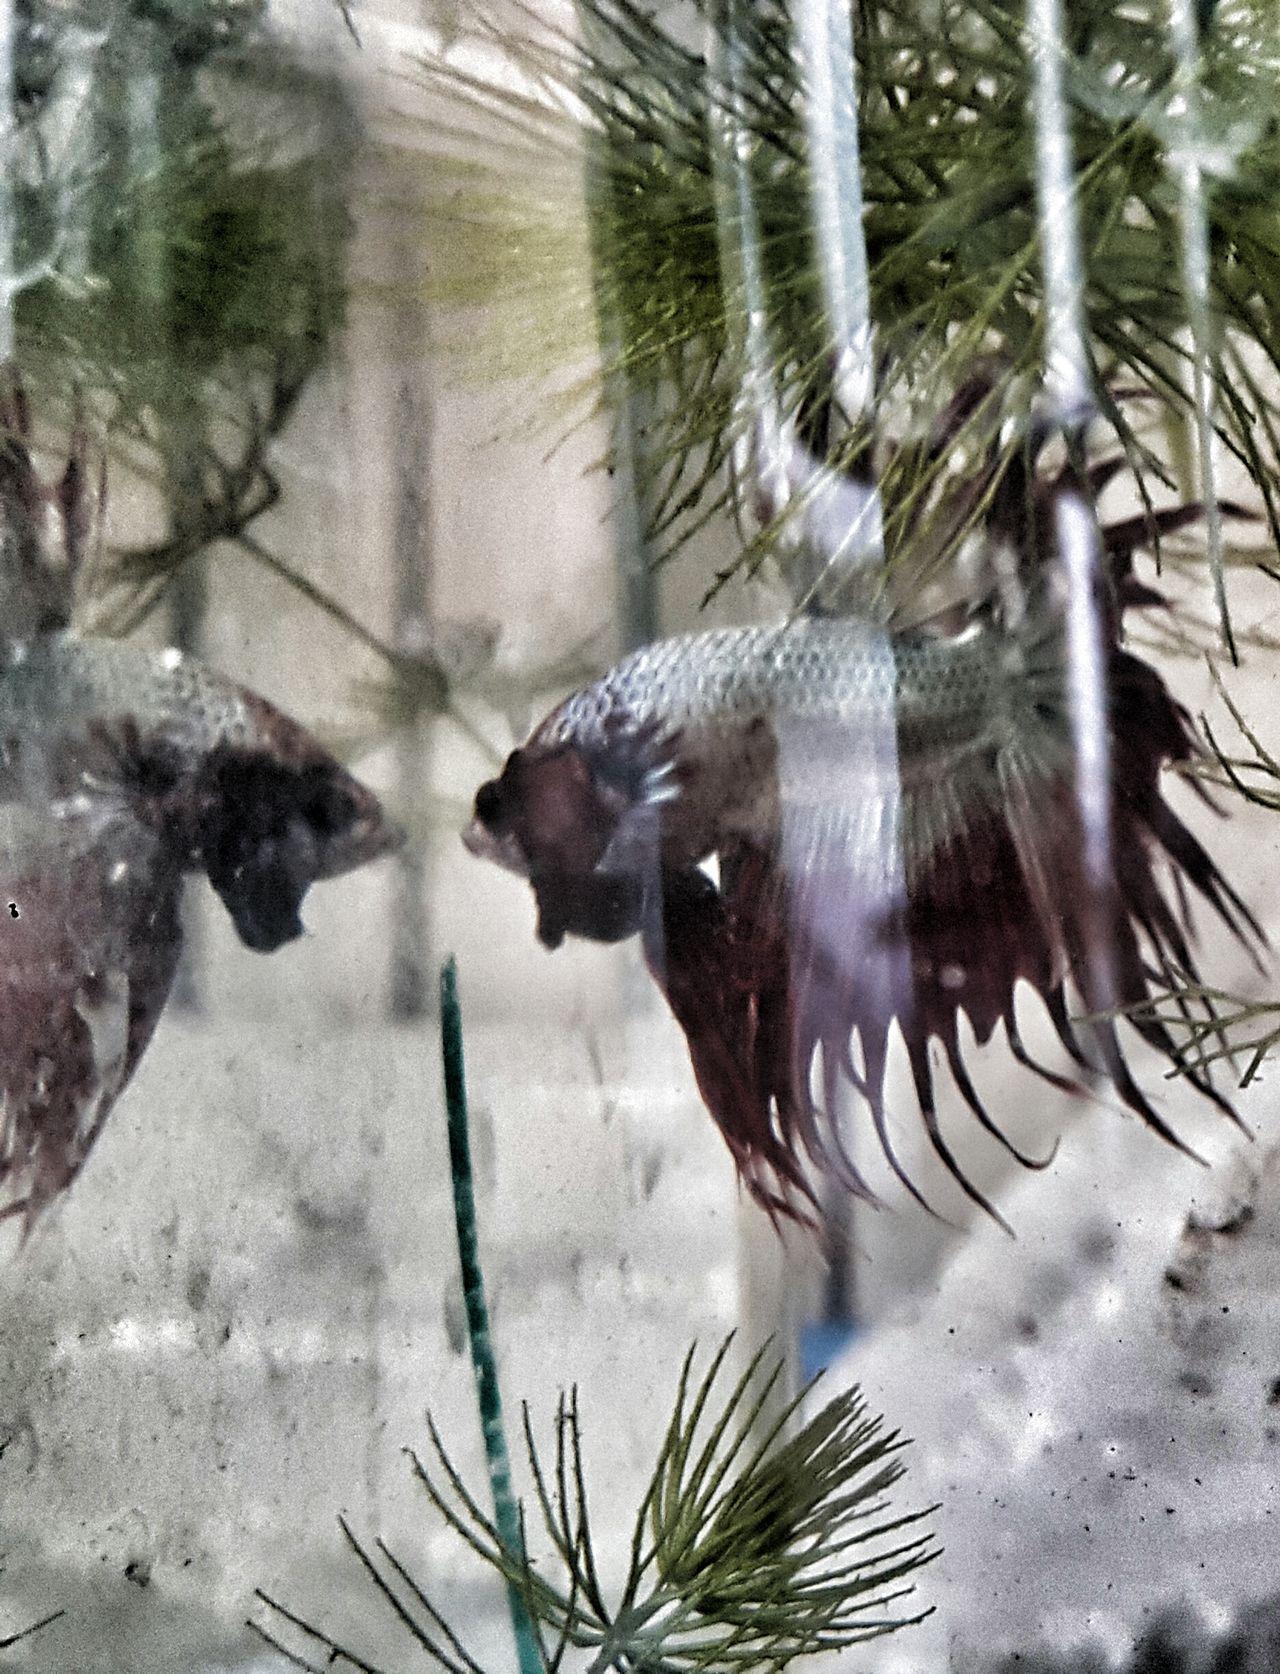 Betta  Bettafish Betta Fish Bettafishcommunity Fighting Fish Dragon Betta